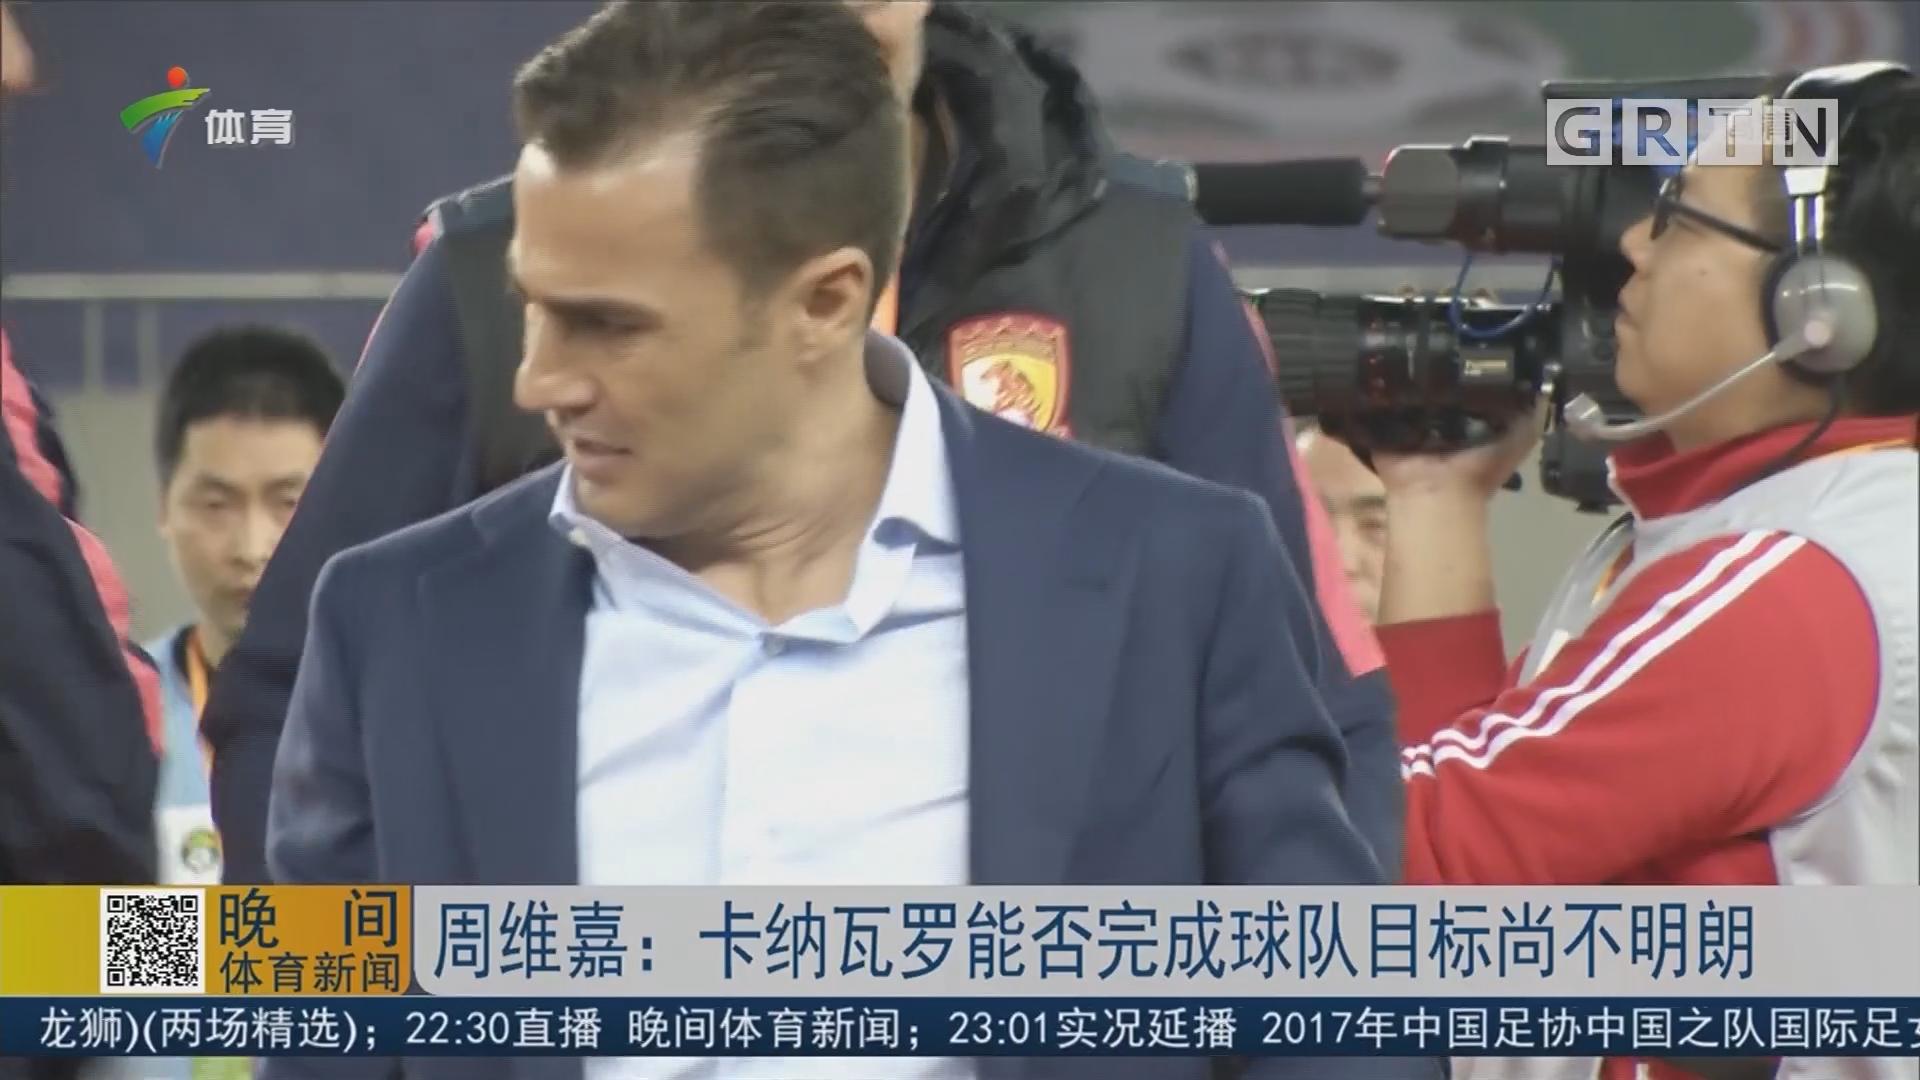 周维嘉:卡纳瓦罗能否完成球队目标尚不明朗